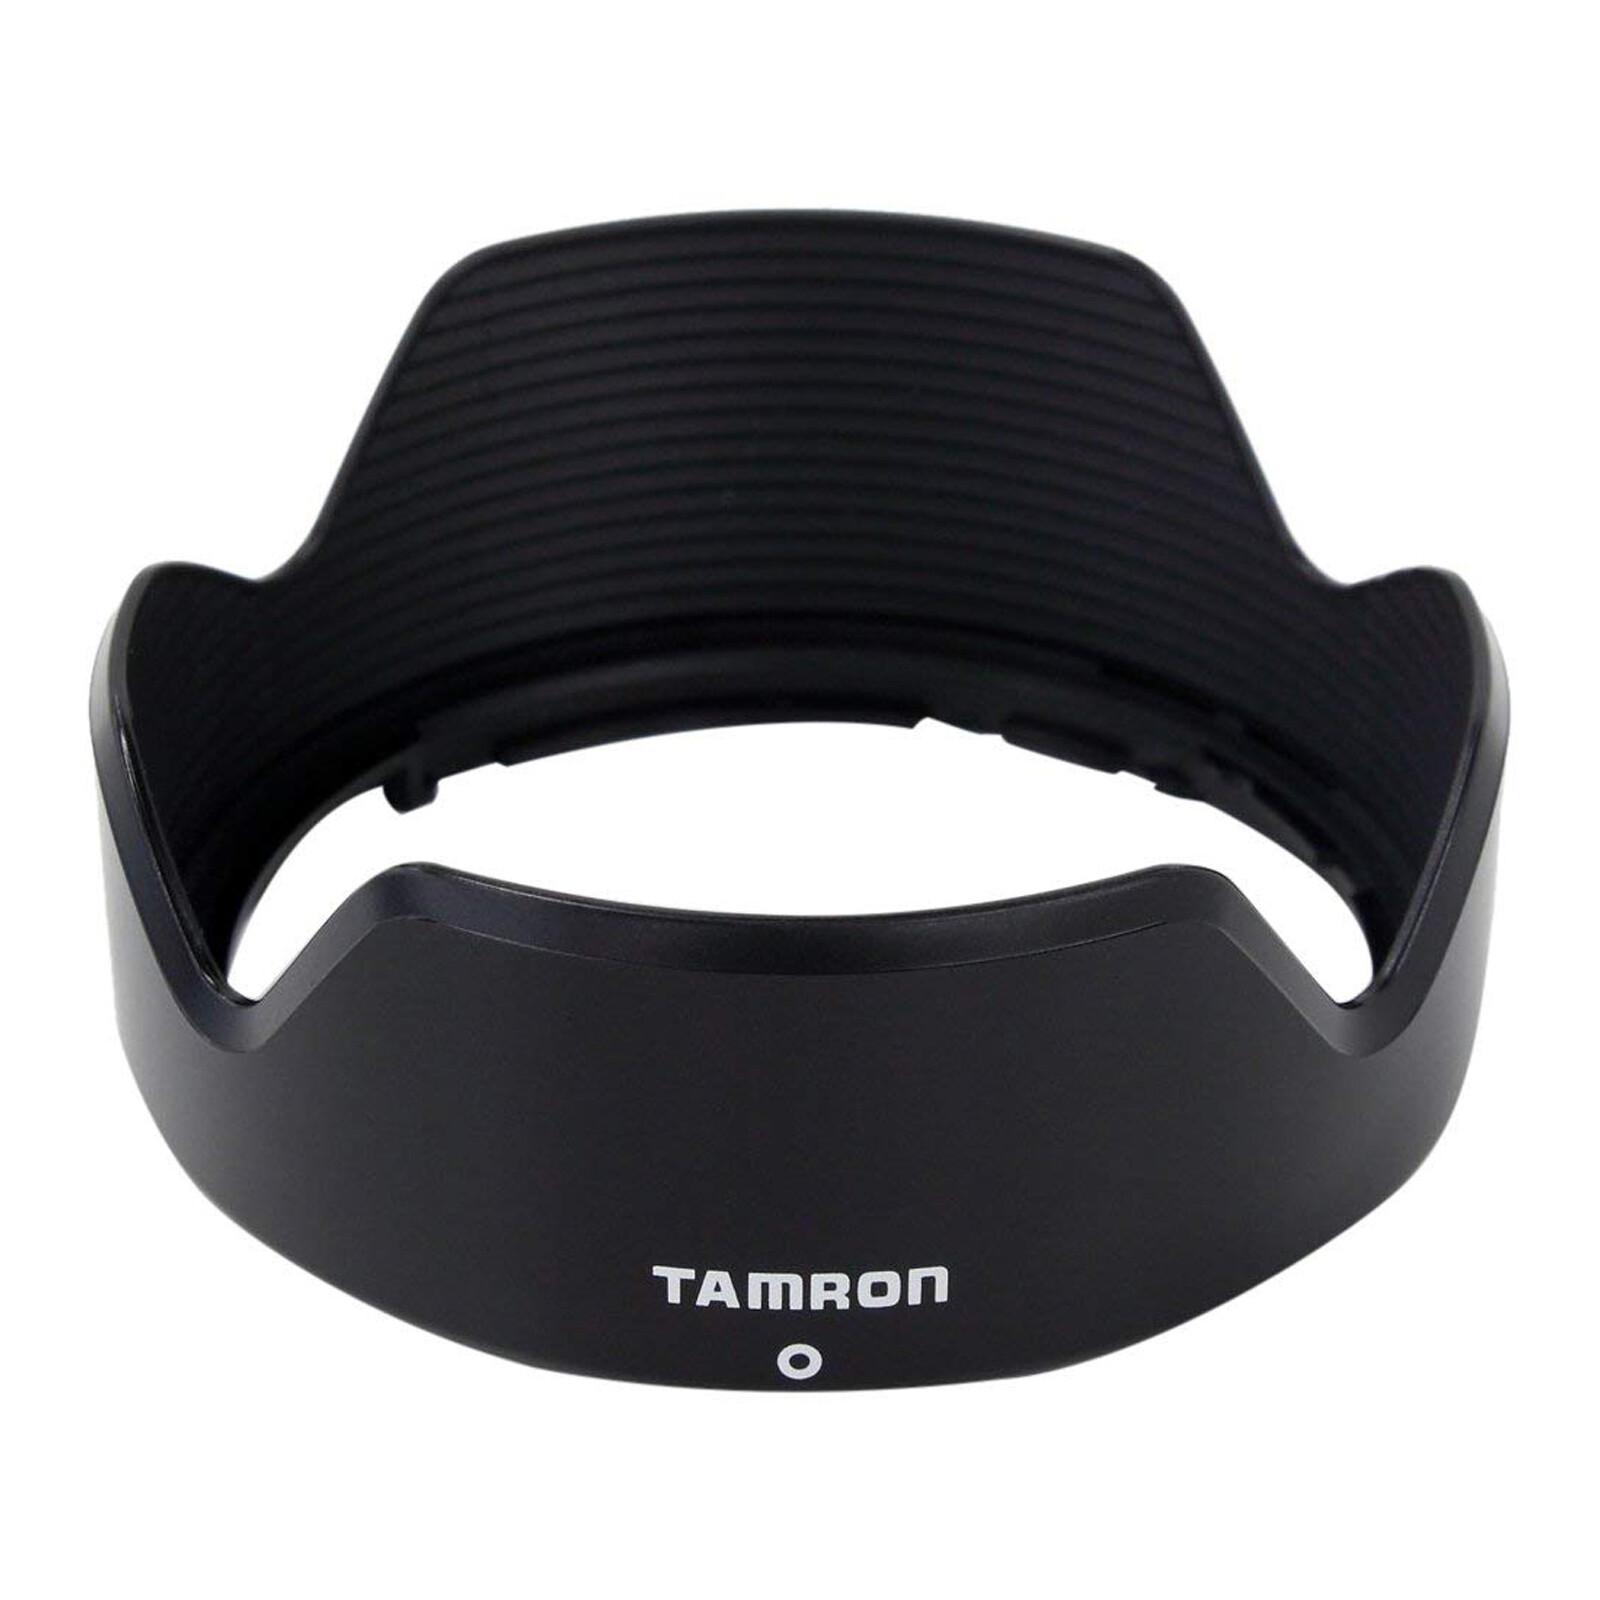 Tamron C001 Gegenlichtblende